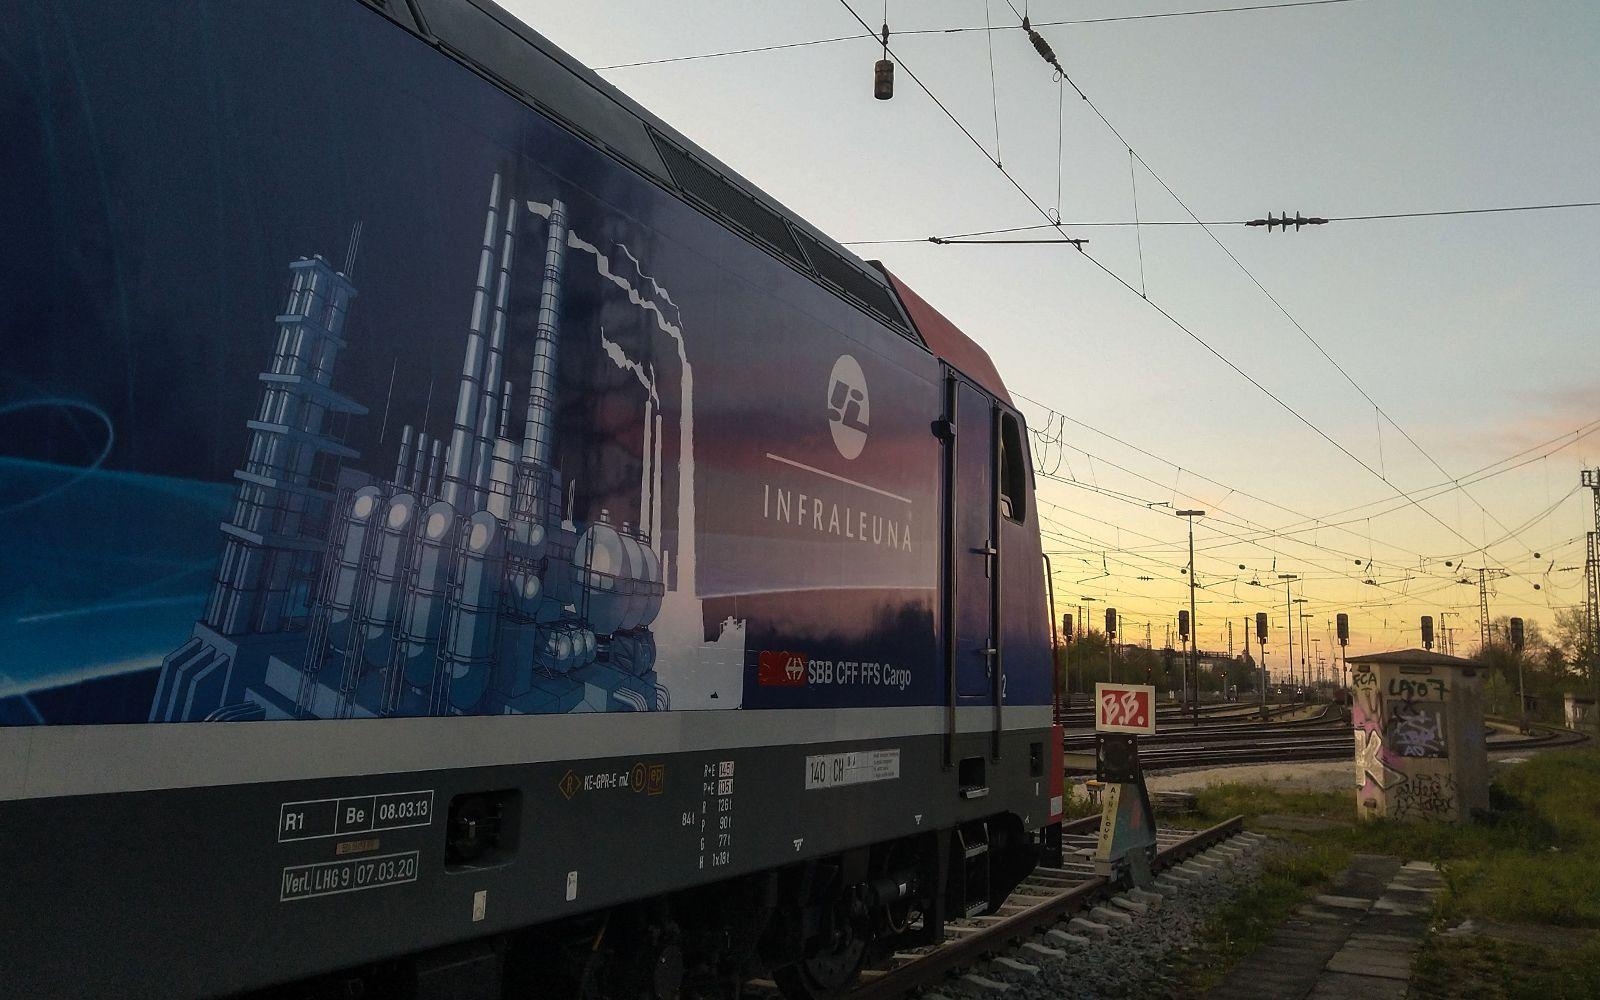 ©Foto: Denis Herwig   railmen   Lokführer im Dienst für InfraLeuna   Sonnenuntergang bei Augsburg